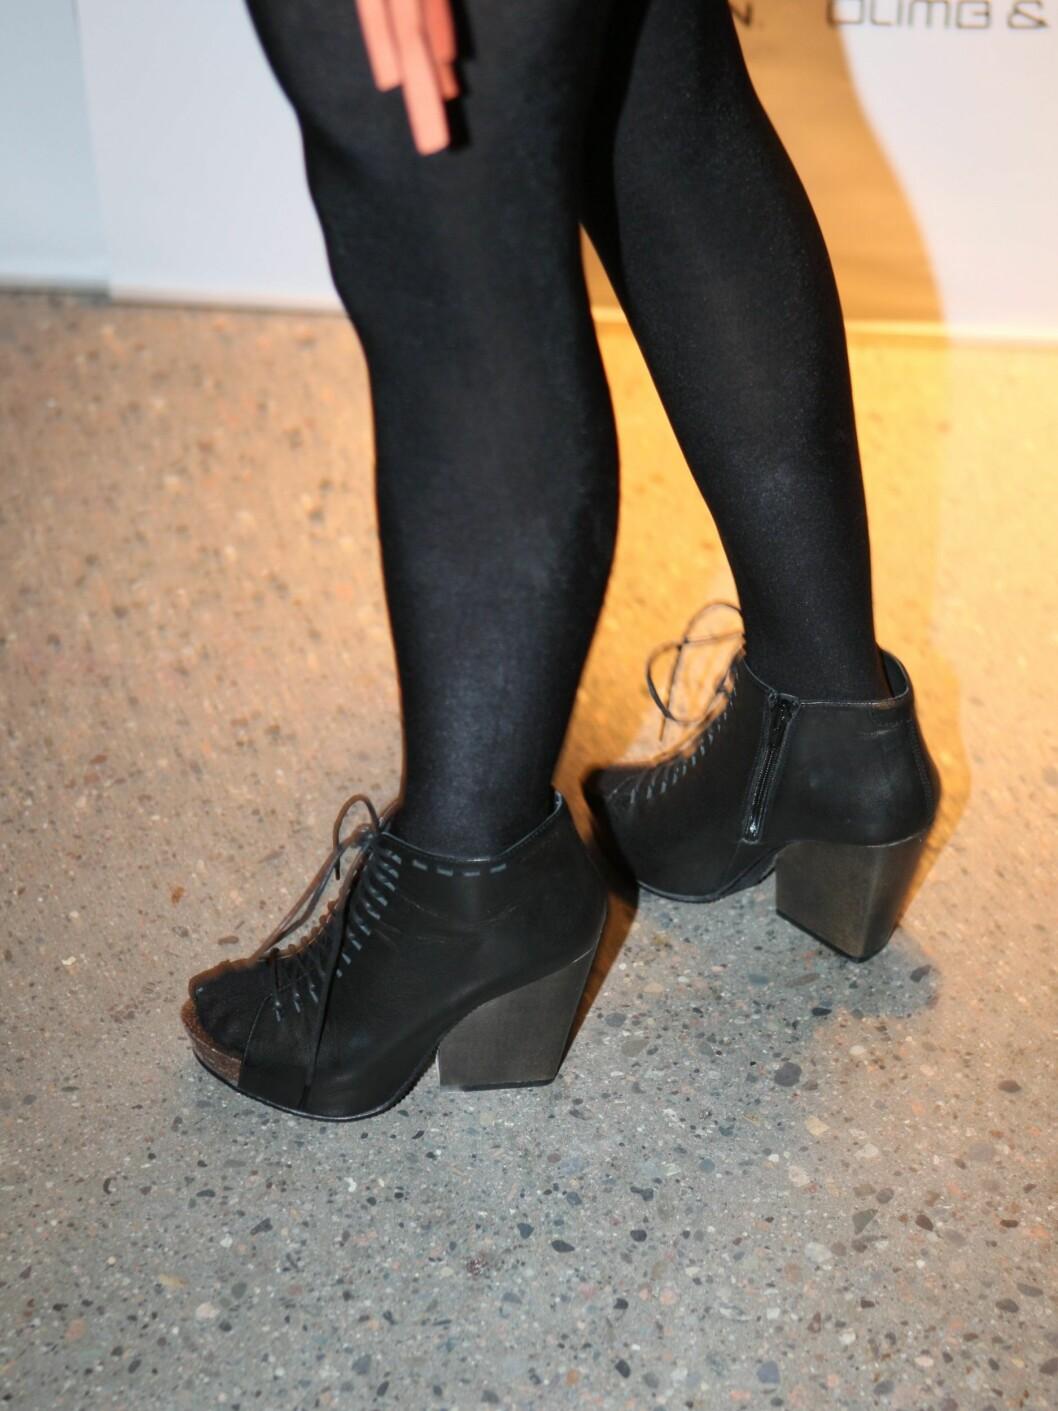 Eva Weel Skrams ankelstøvletter hadde åpen tå, knytting og grov hæl og er av merket Vagabond.  Foto: Per Ervland